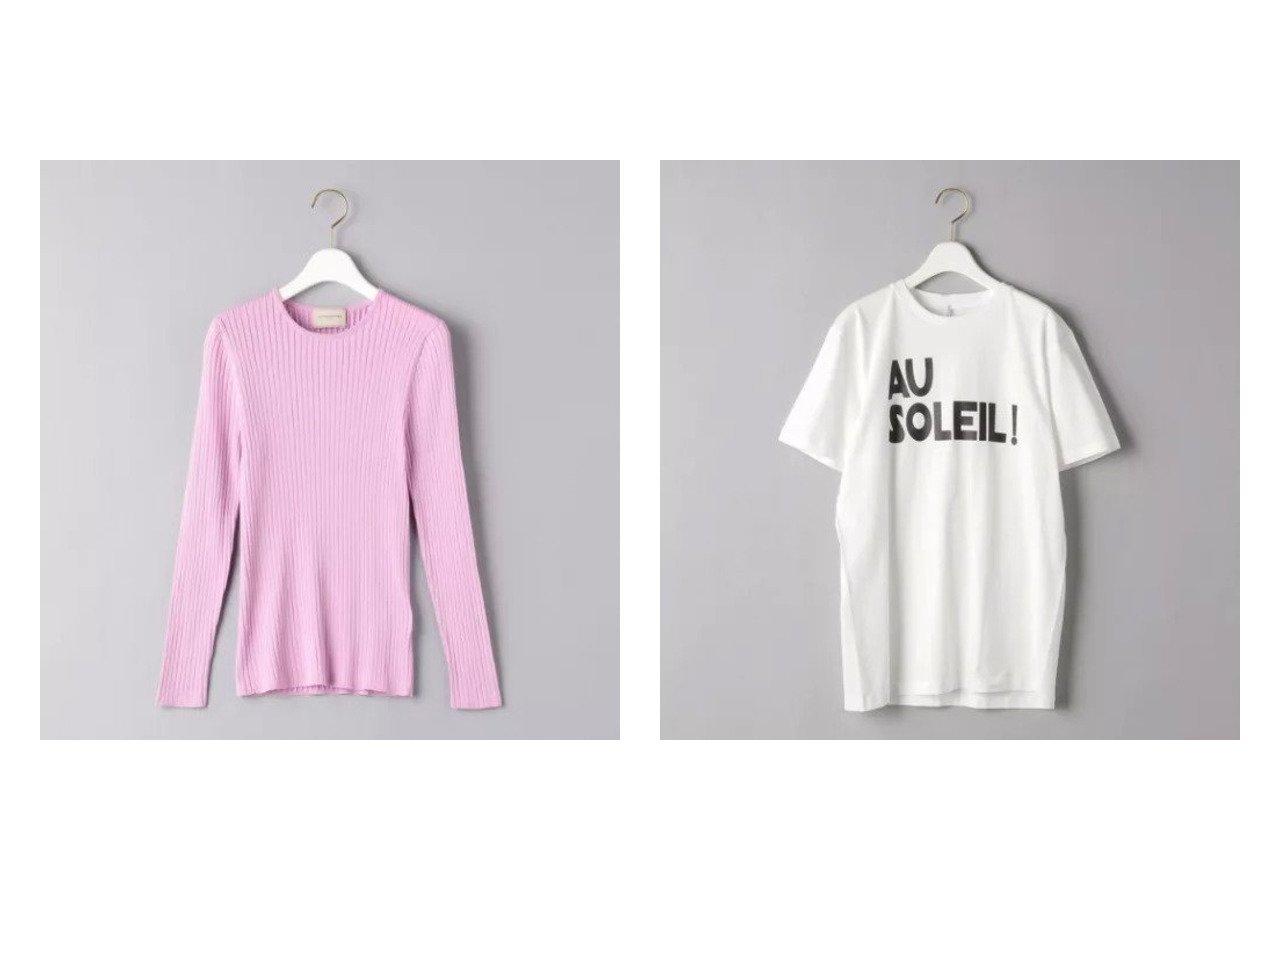 【UNITED ARROWS/ユナイテッドアローズ】の別注AU SOLEIL Tシャツ&SI リブ クルーネック ニット 【トップス・カットソー】おすすめ!人気、トレンド・レディースファッションの通販  おすすめで人気の流行・トレンド、ファッションの通販商品 メンズファッション・キッズファッション・インテリア・家具・レディースファッション・服の通販 founy(ファニー) https://founy.com/ ファッション Fashion レディースファッション WOMEN トップス・カットソー Tops/Tshirt シャツ/ブラウス Shirts/Blouses ロング / Tシャツ T-Shirts カットソー Cut and Sewn ニット Knit Tops インナー カッティング カットソー クラシック プリント 別注 半袖 モノトーン シンプル セーター フィット ベーシック |ID:crp329100000027739